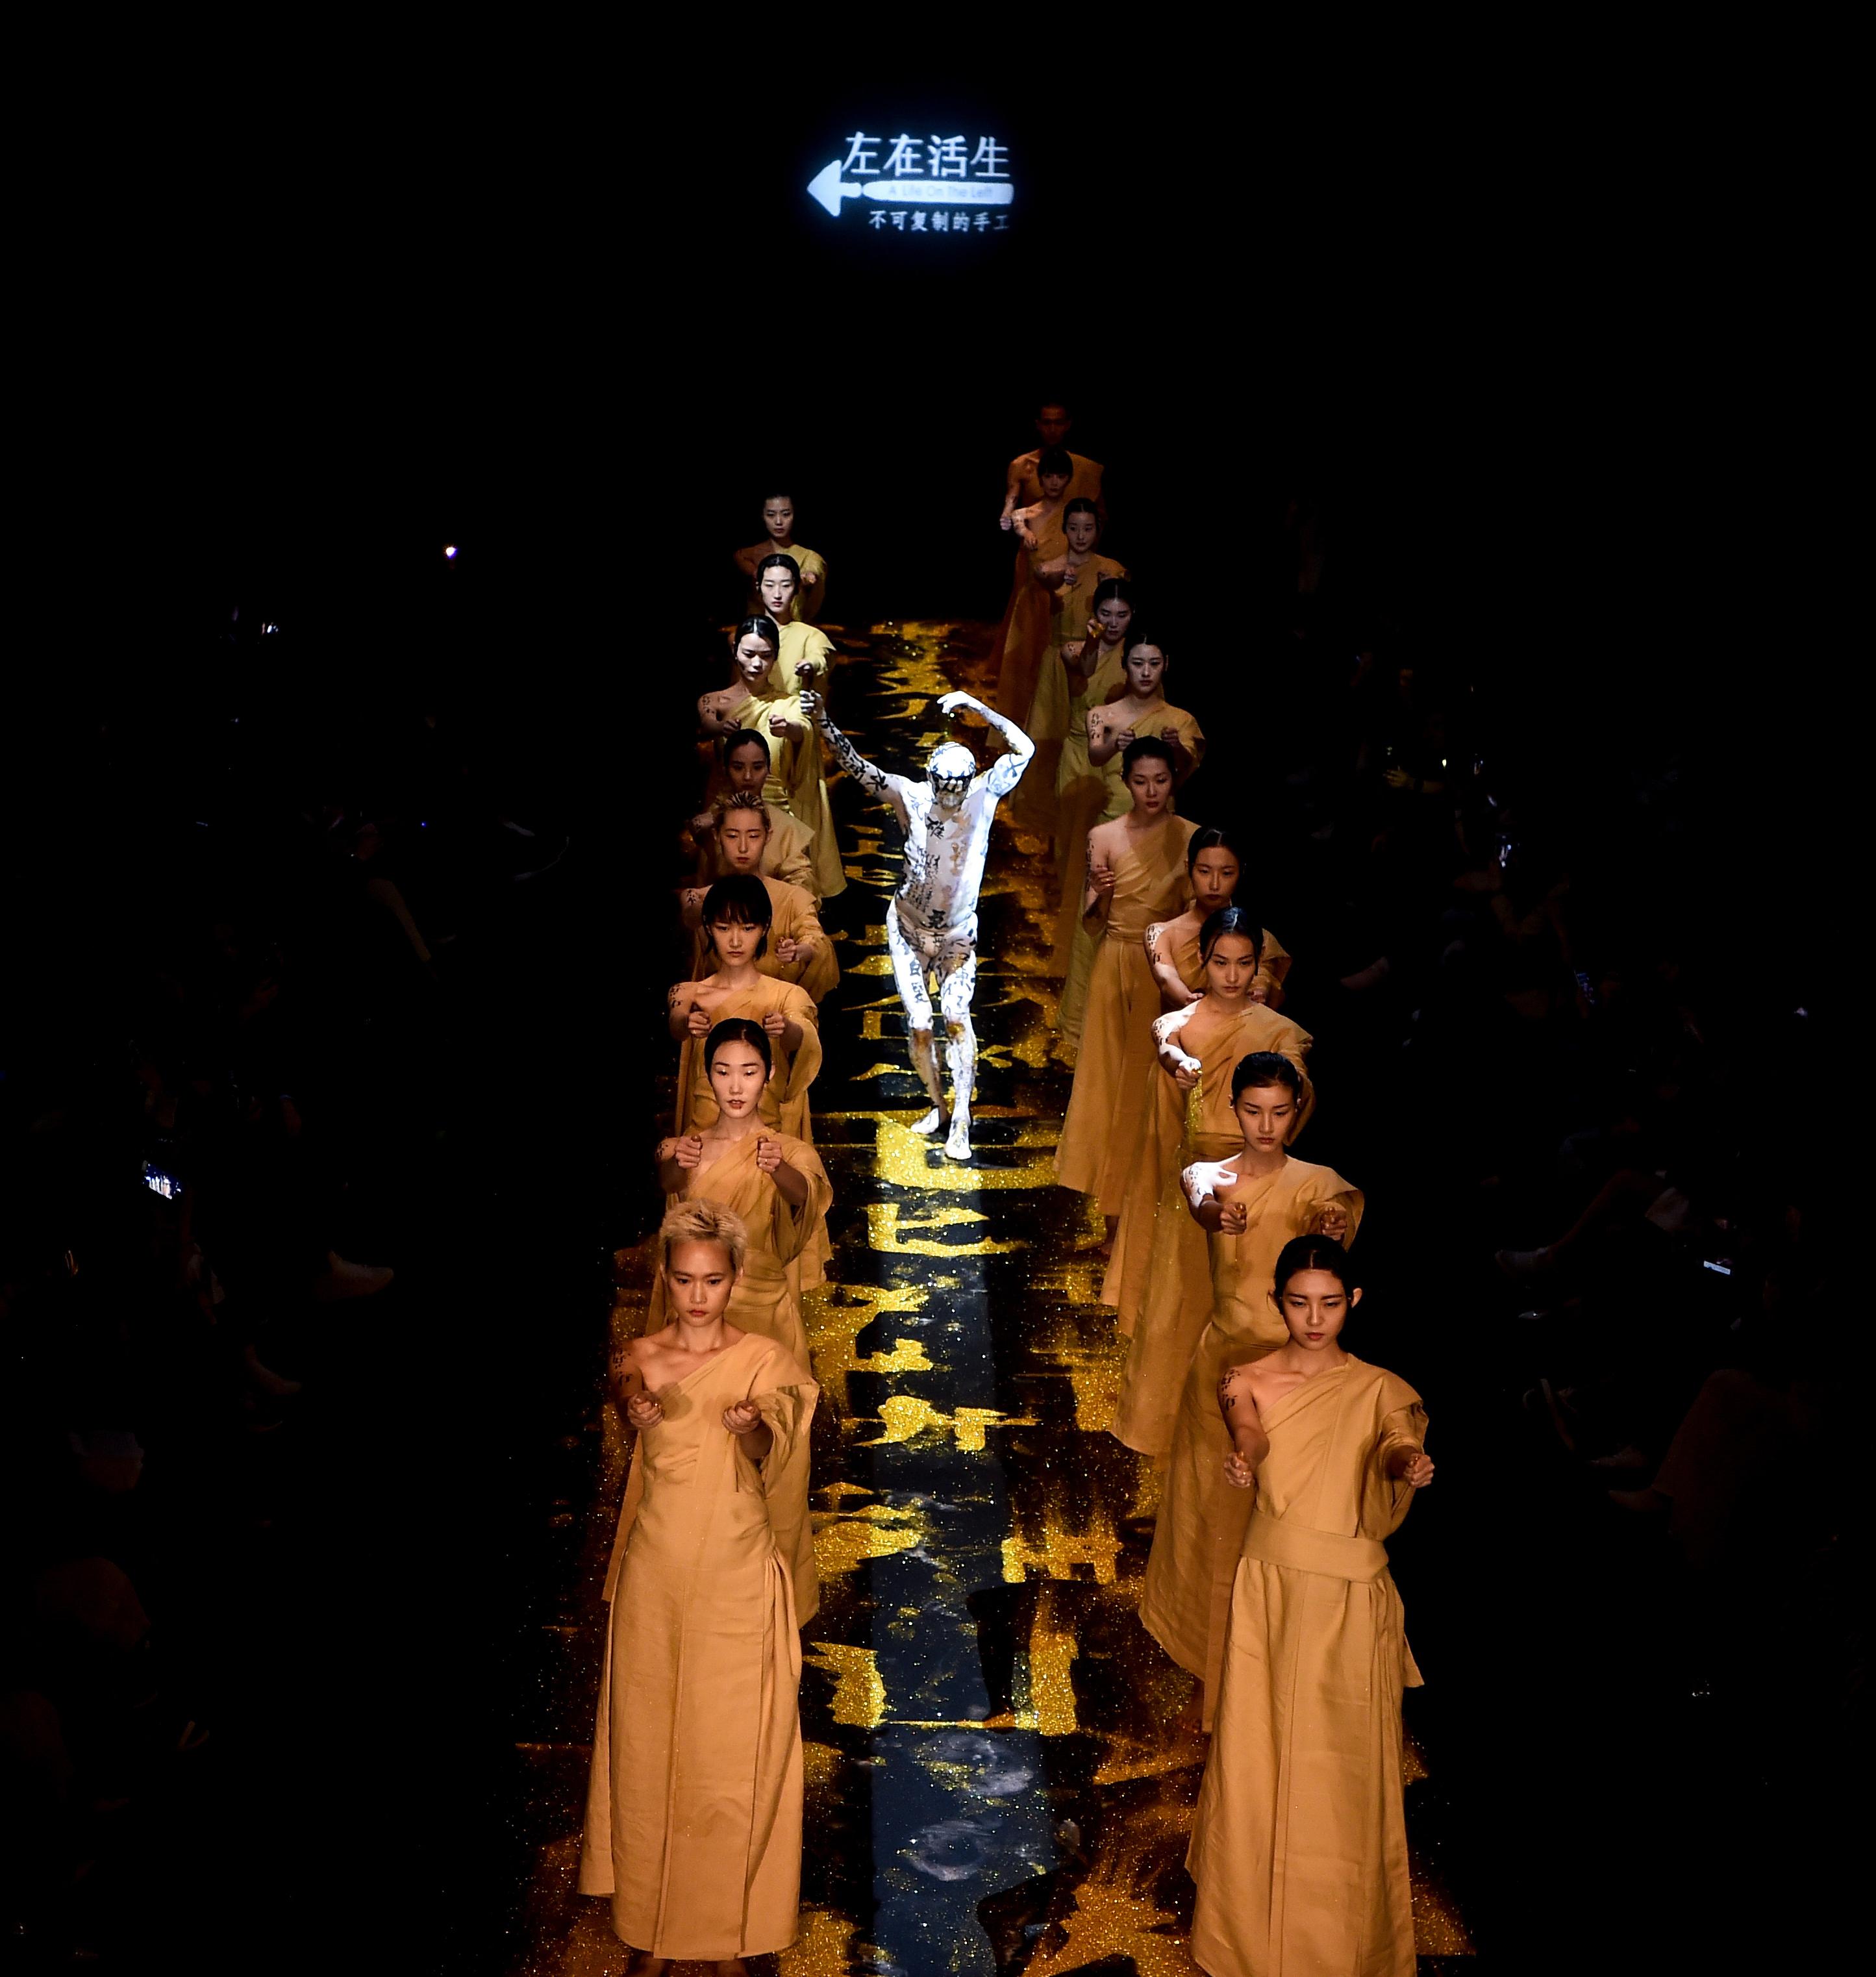 传统手工的追求者!生活在左2018秋冬系列在中国国际时装周上精彩演绎